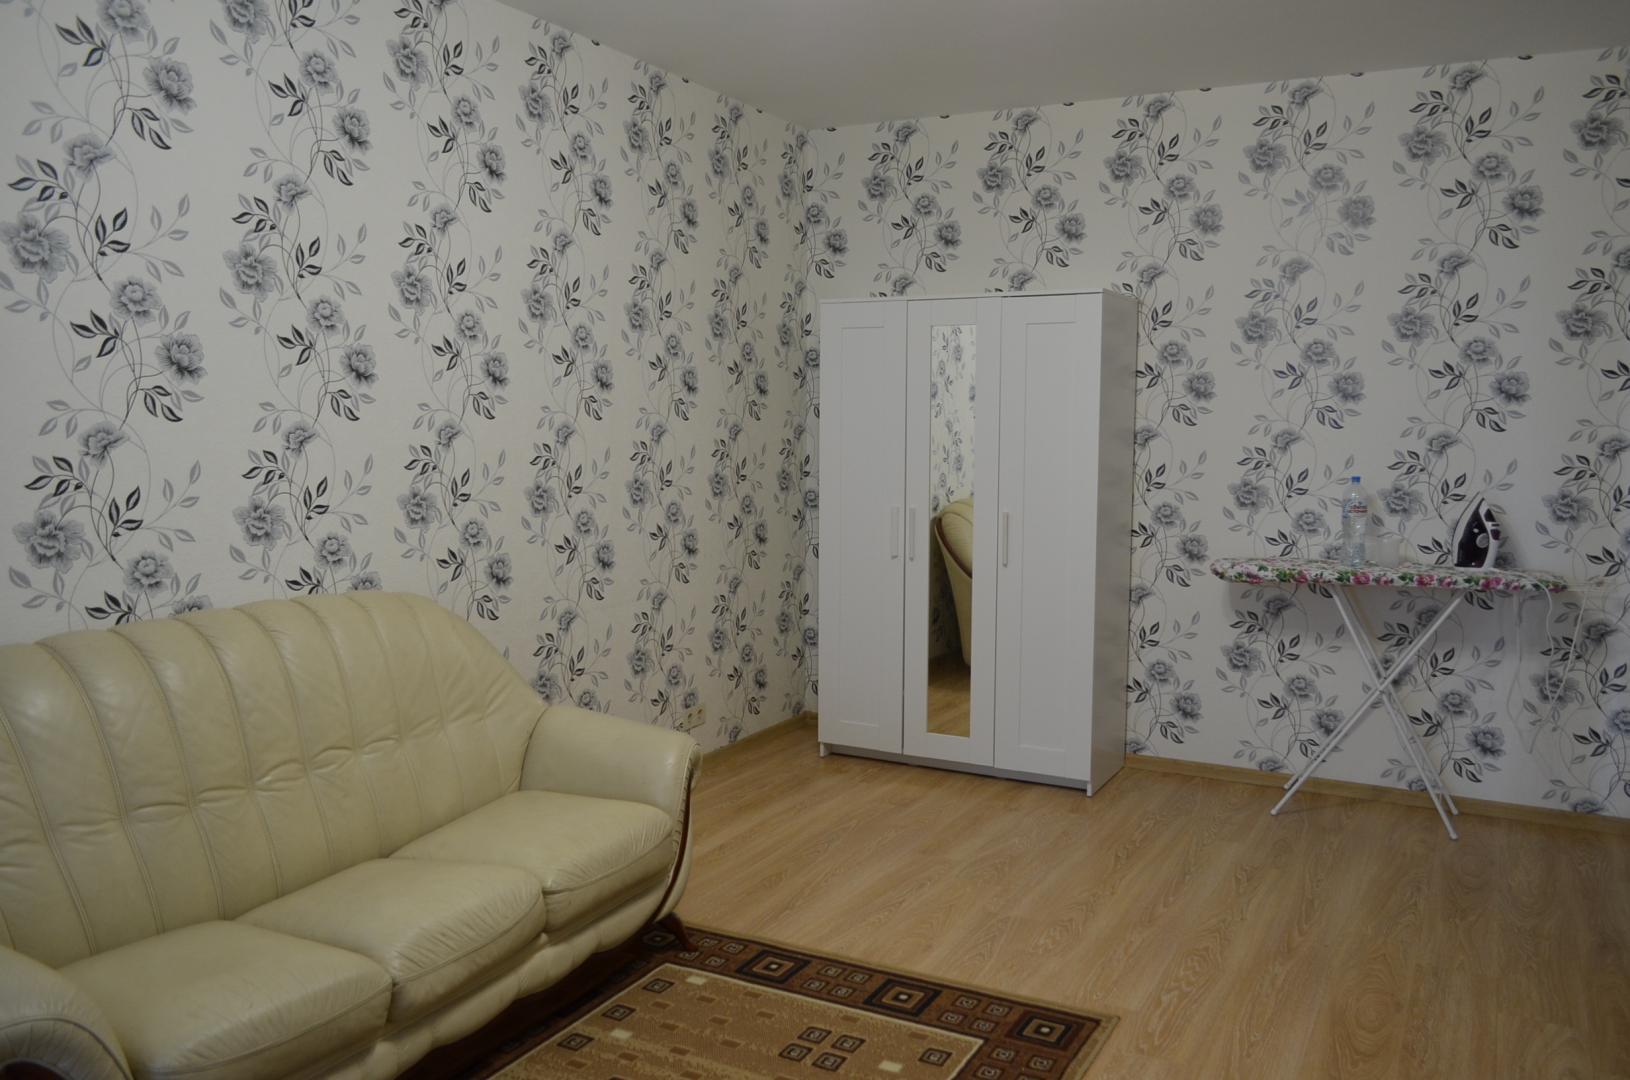 Квартира, 2 комнаты, 90 м² в Дзержинском 89091663365 купить 7